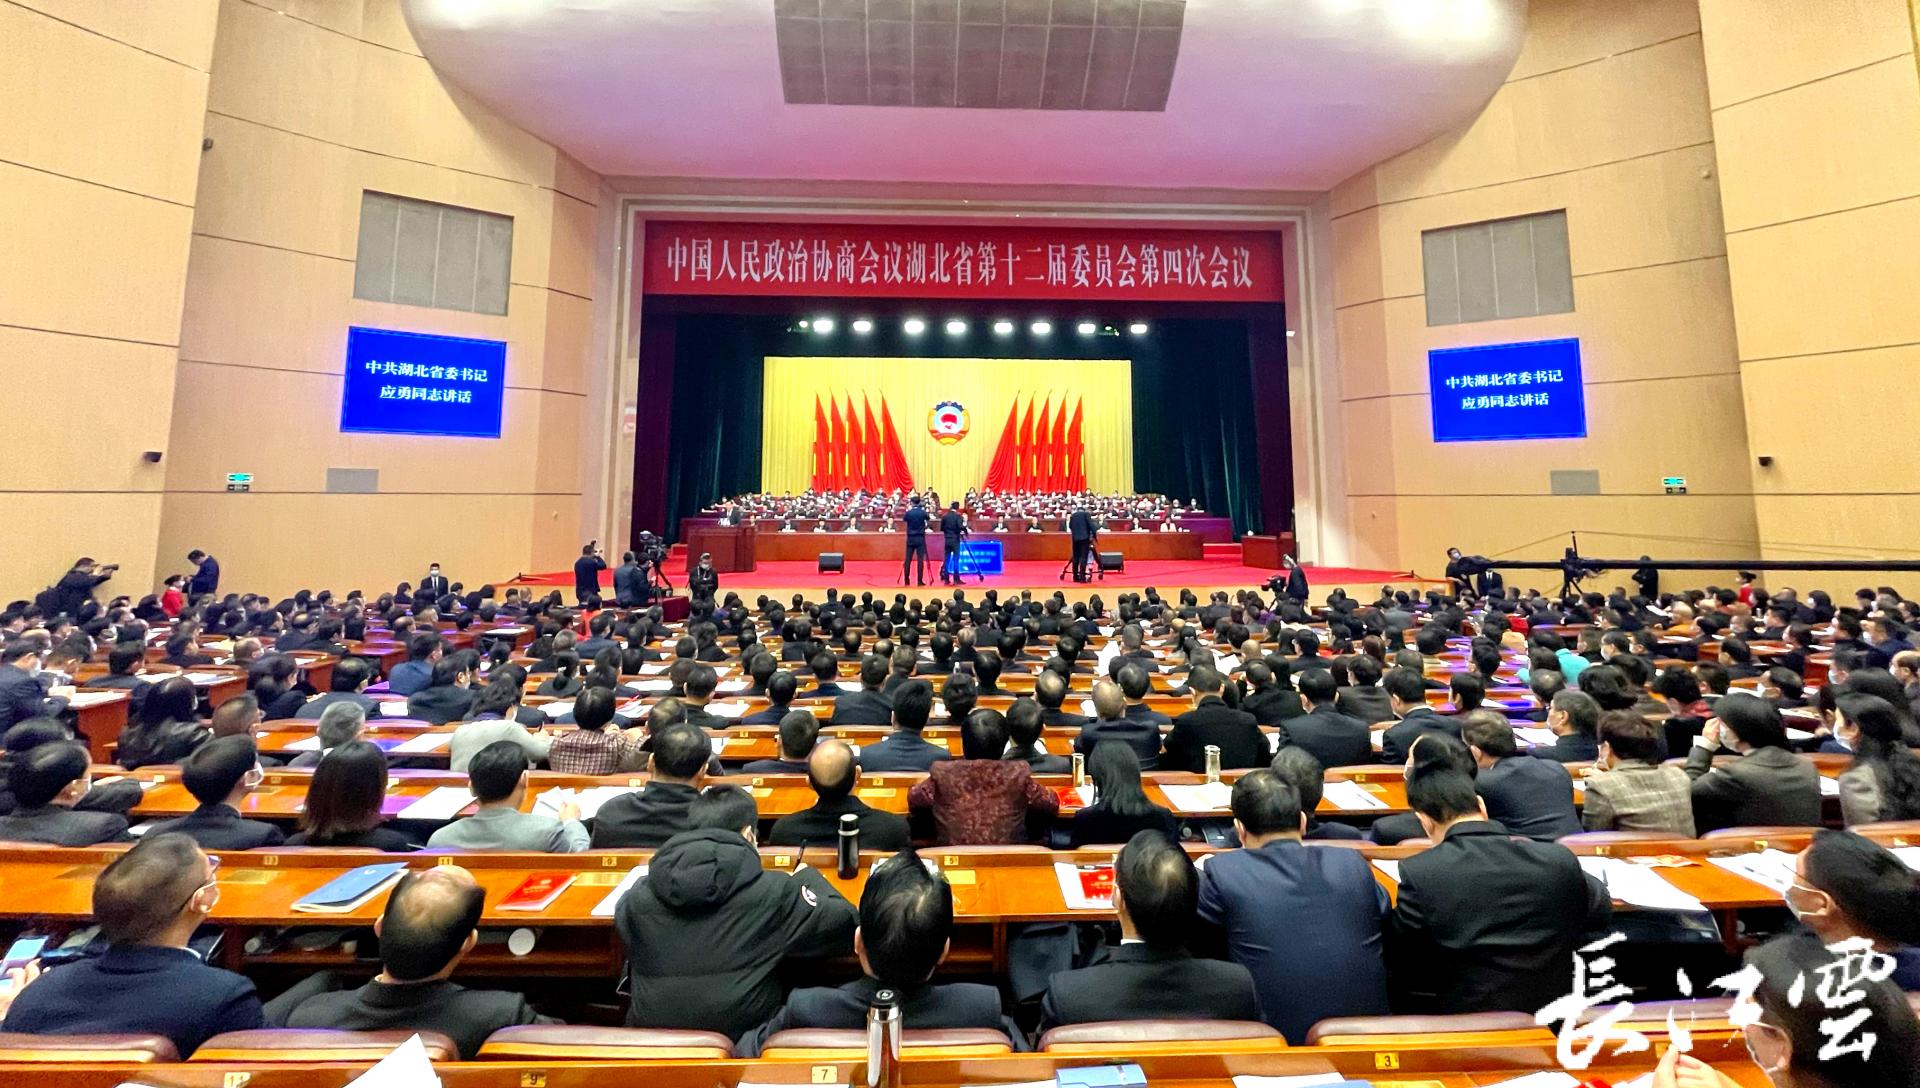 高清圖來了!湖北省政協十二屆四次會議開幕